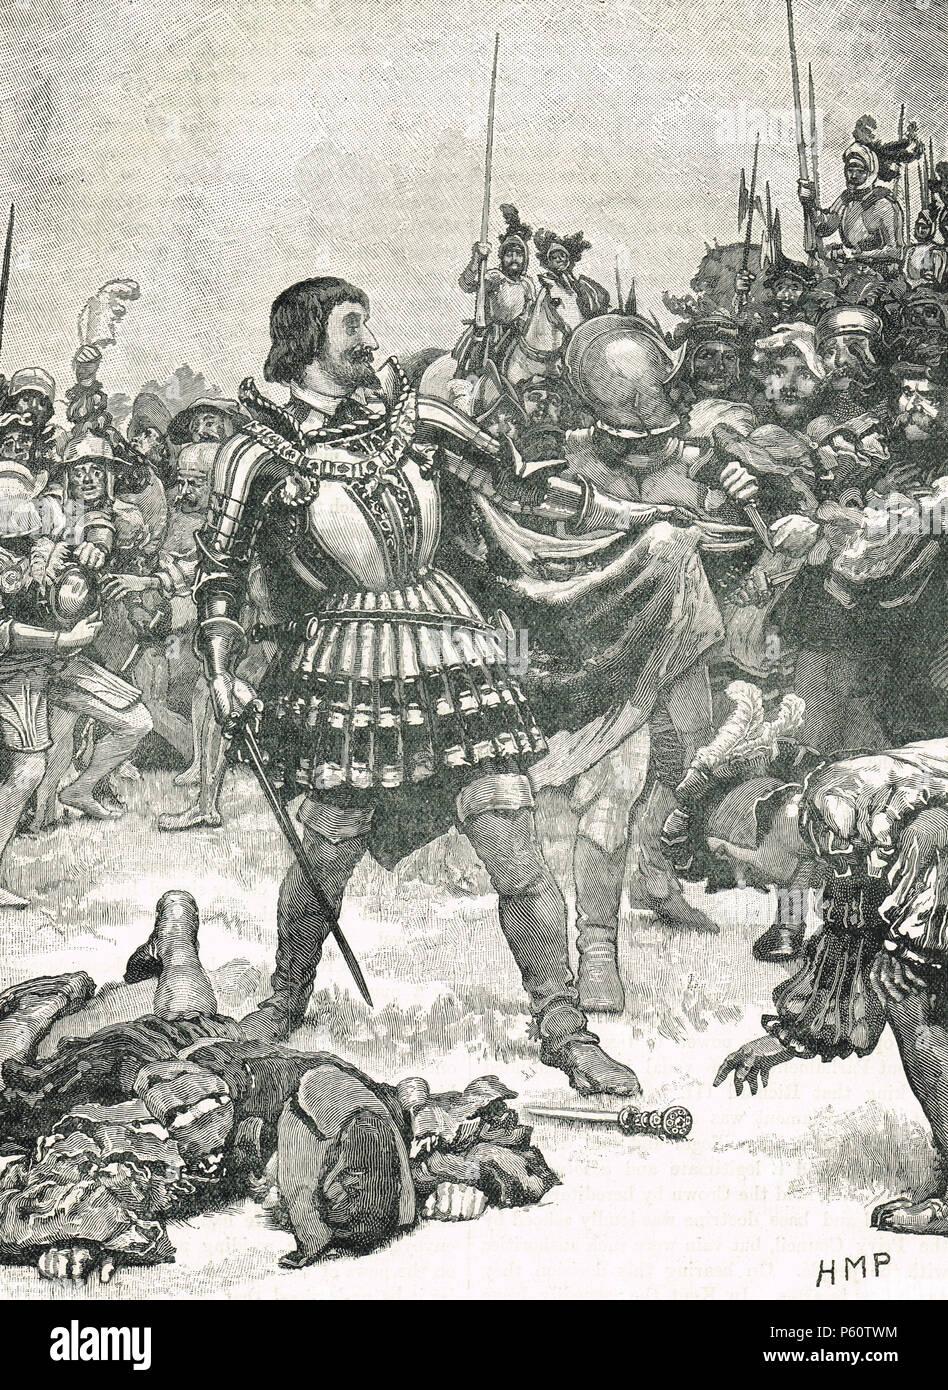 Die kapitulation von König Franz I. von Frankreich, Schlacht von Pavia, 24. Februar 1525 Stockbild